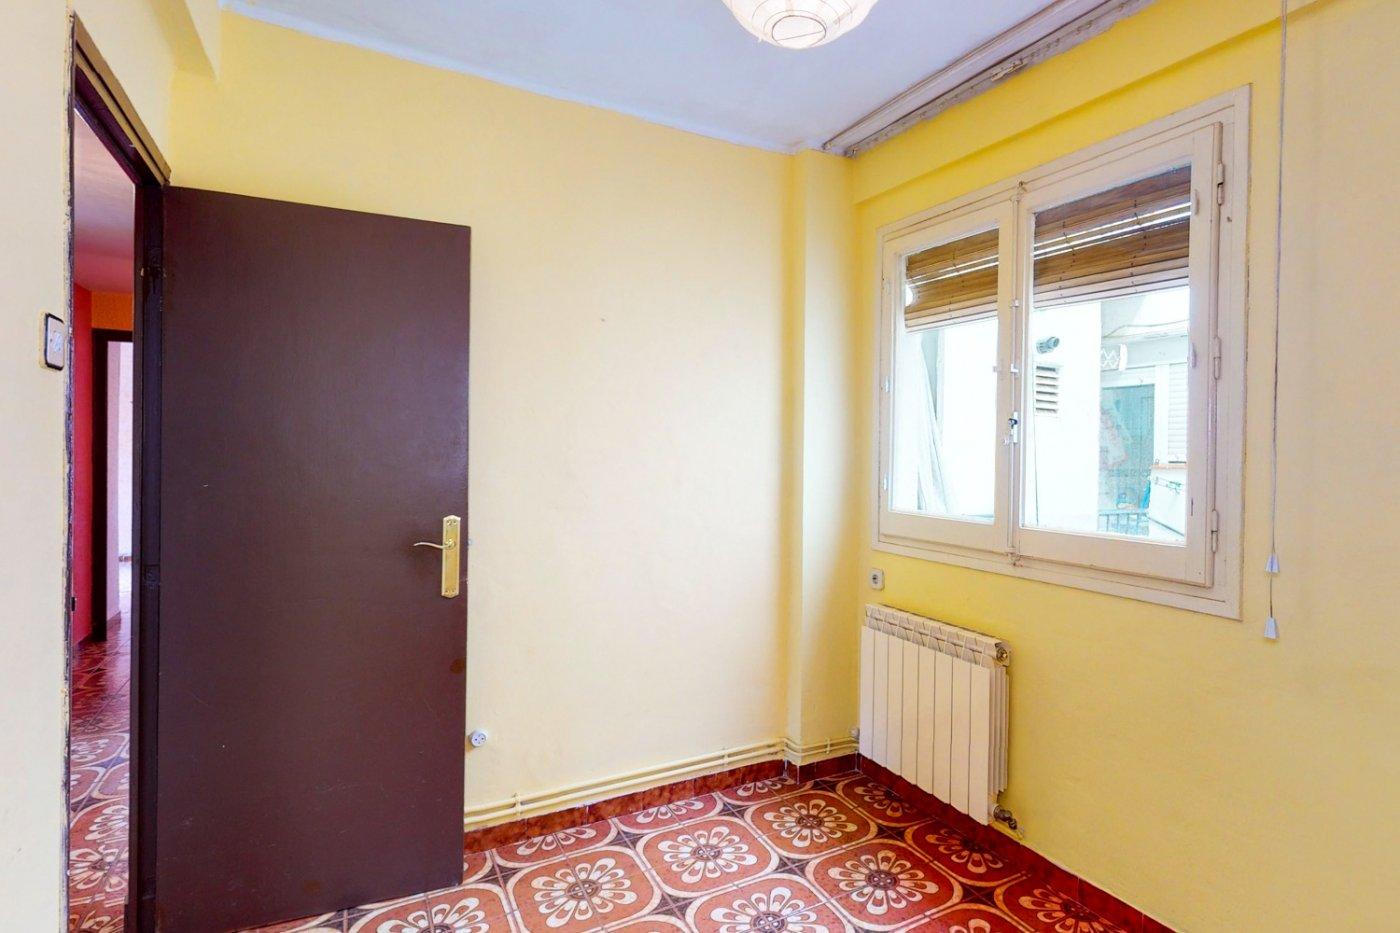 Piso a la venta en c/ lugo, exterior, de tres dormitorios, salon, cocina y baÑo. - imagenInmueble27